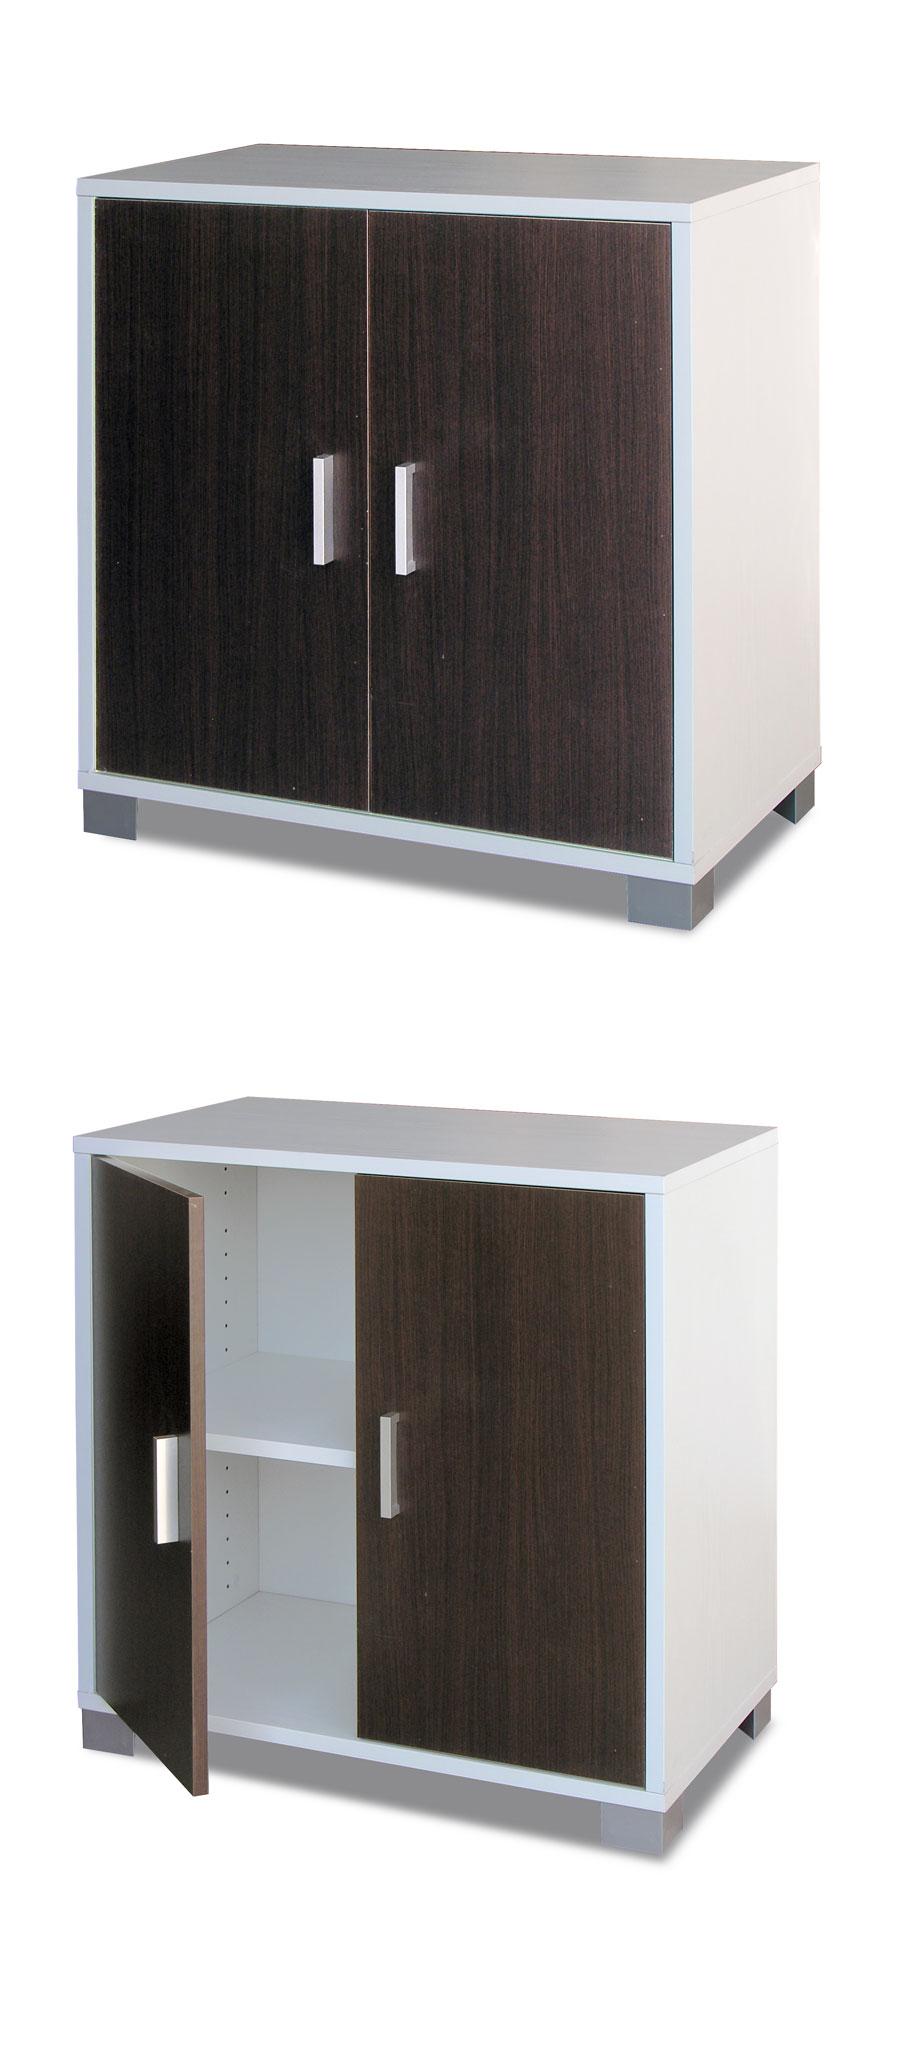 Mobile basso in legno design con 2 ante arredare moderno - Mobile basso moderno ...